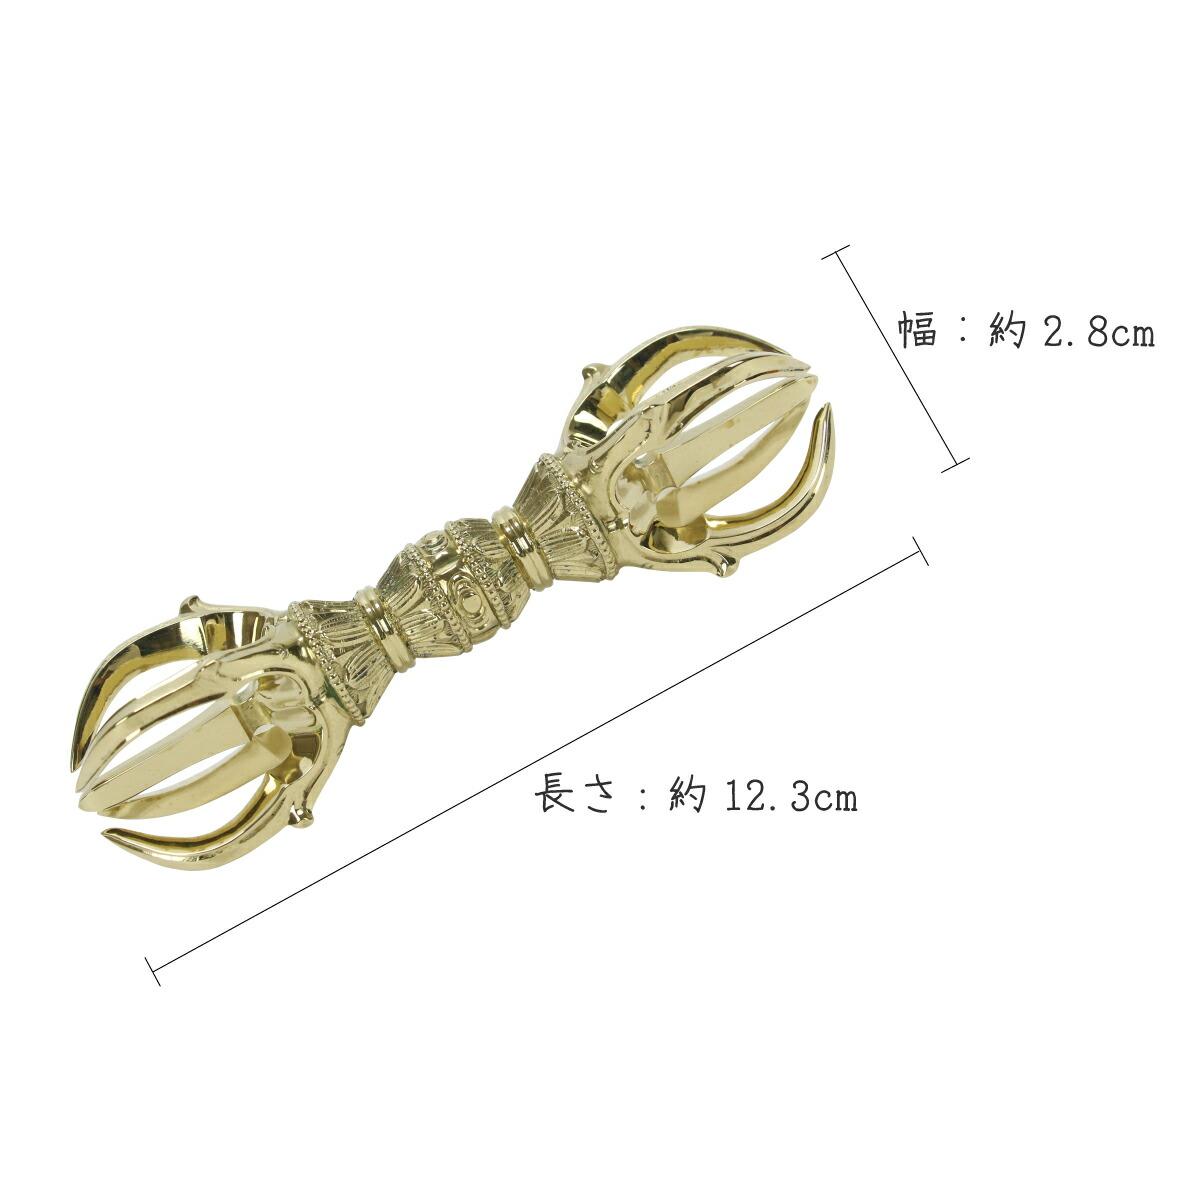 五鈷杵12.3cm